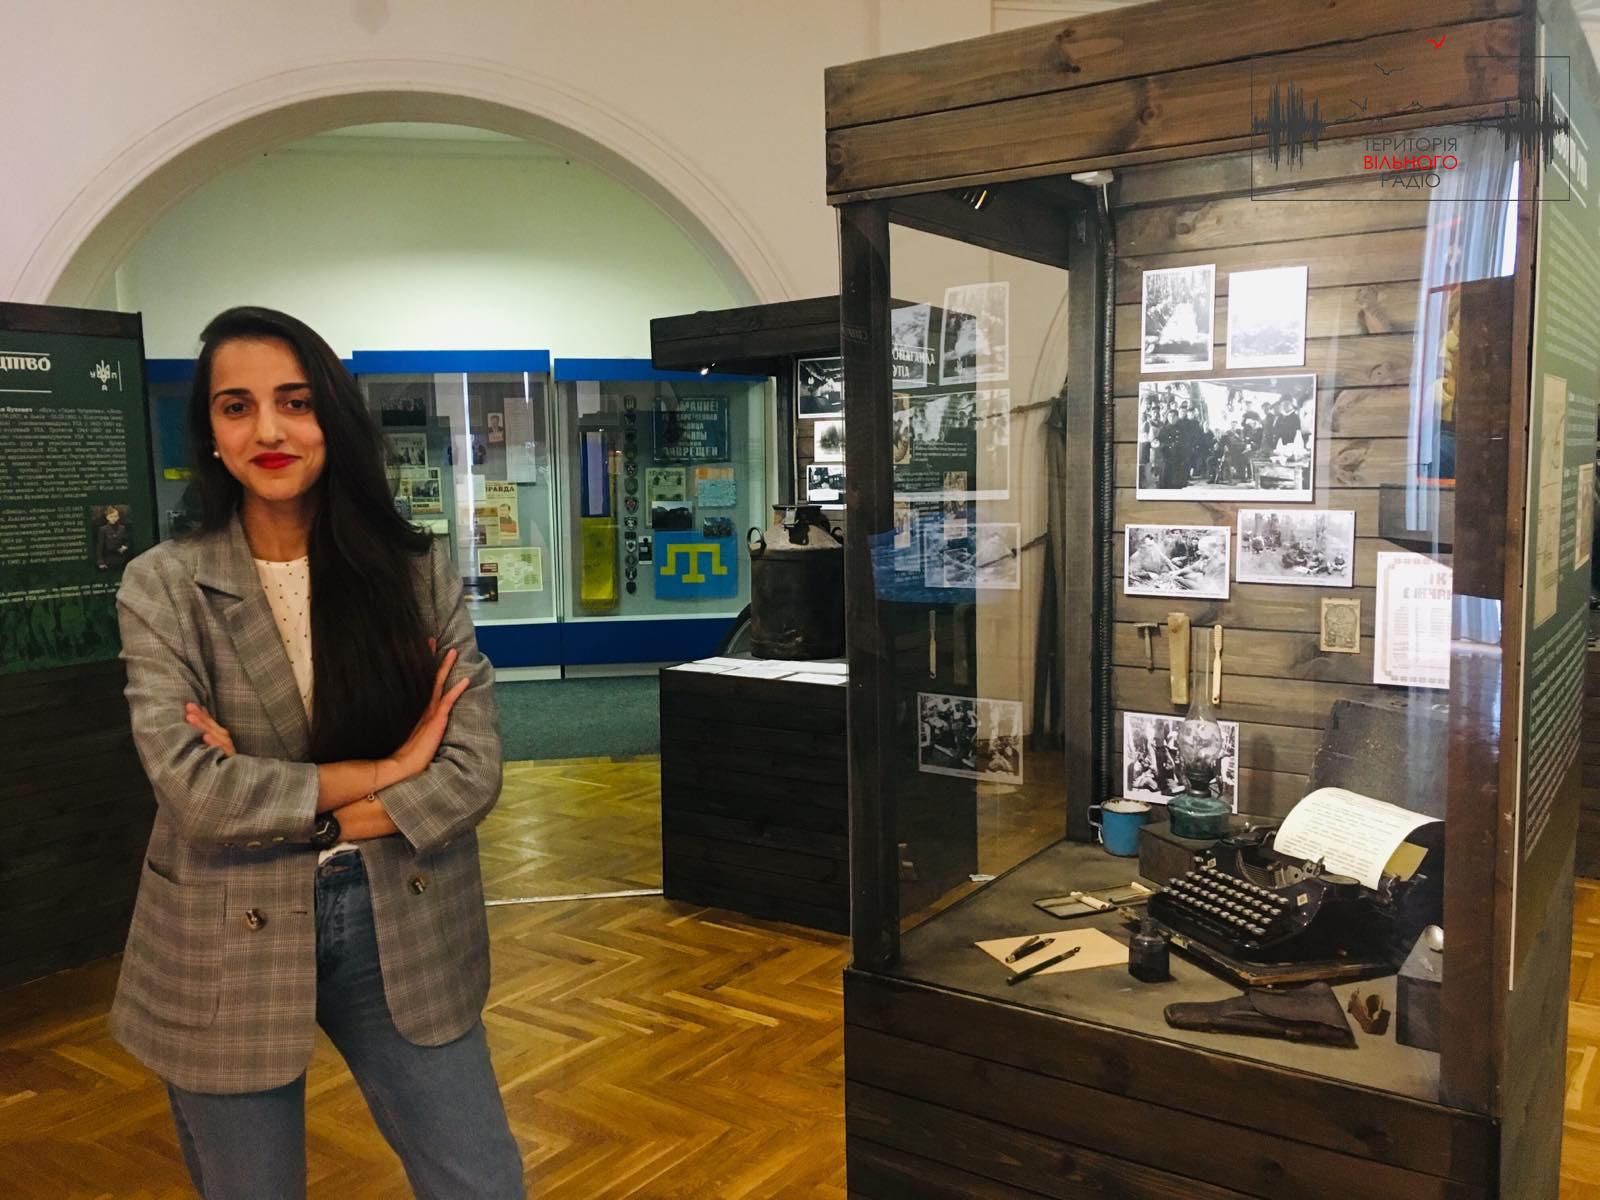 Украинская исследовательница Алина Понипаляк